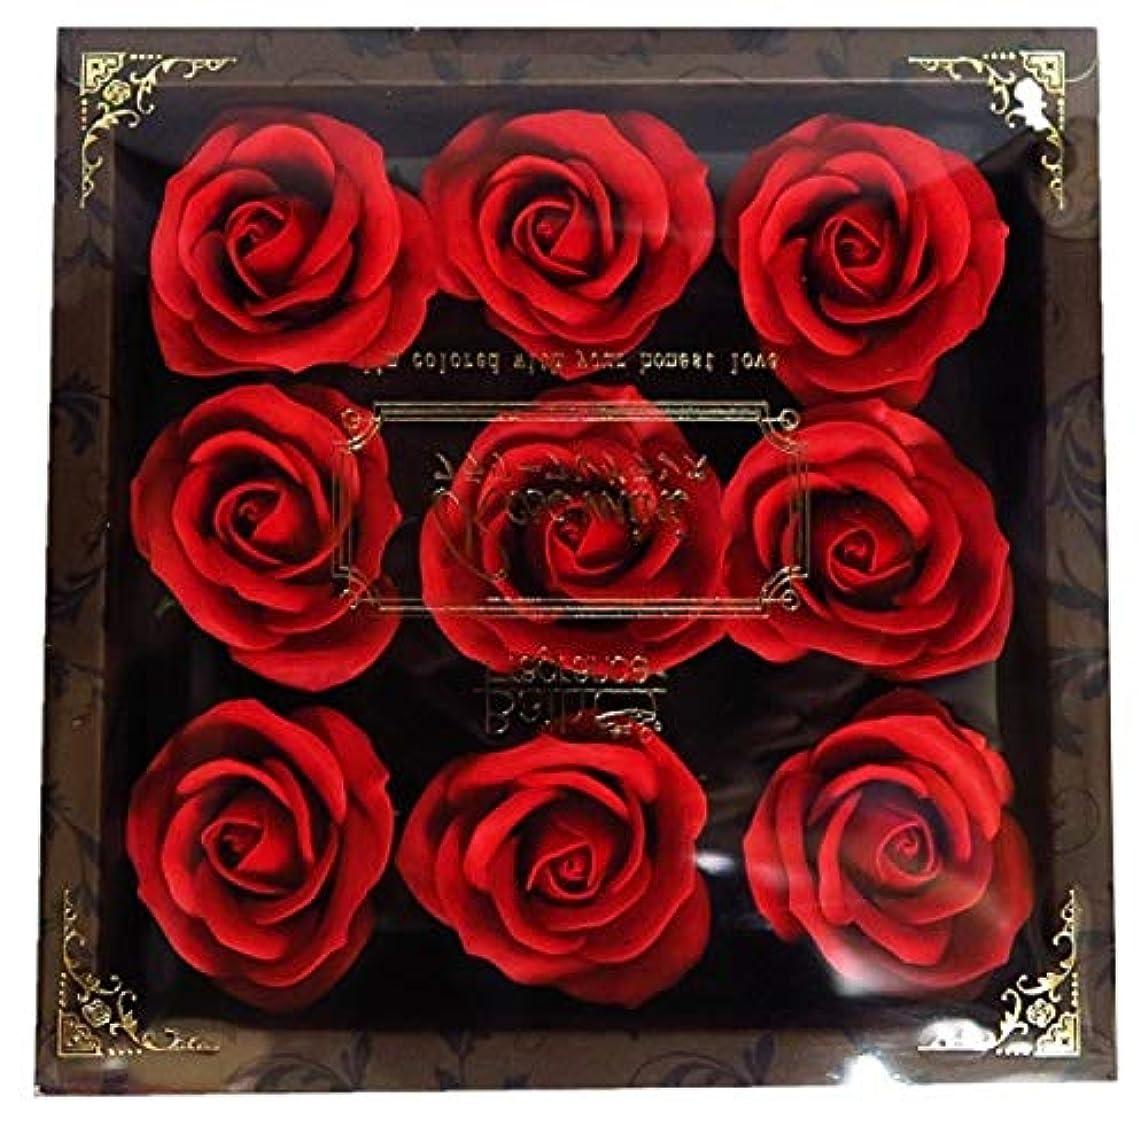 ゲインセイさせる名目上のバスフレグランス フラワーフレグランス ミニローズフレグランス(L)レッド ギフト お花の形の入浴剤 プレゼント ばら